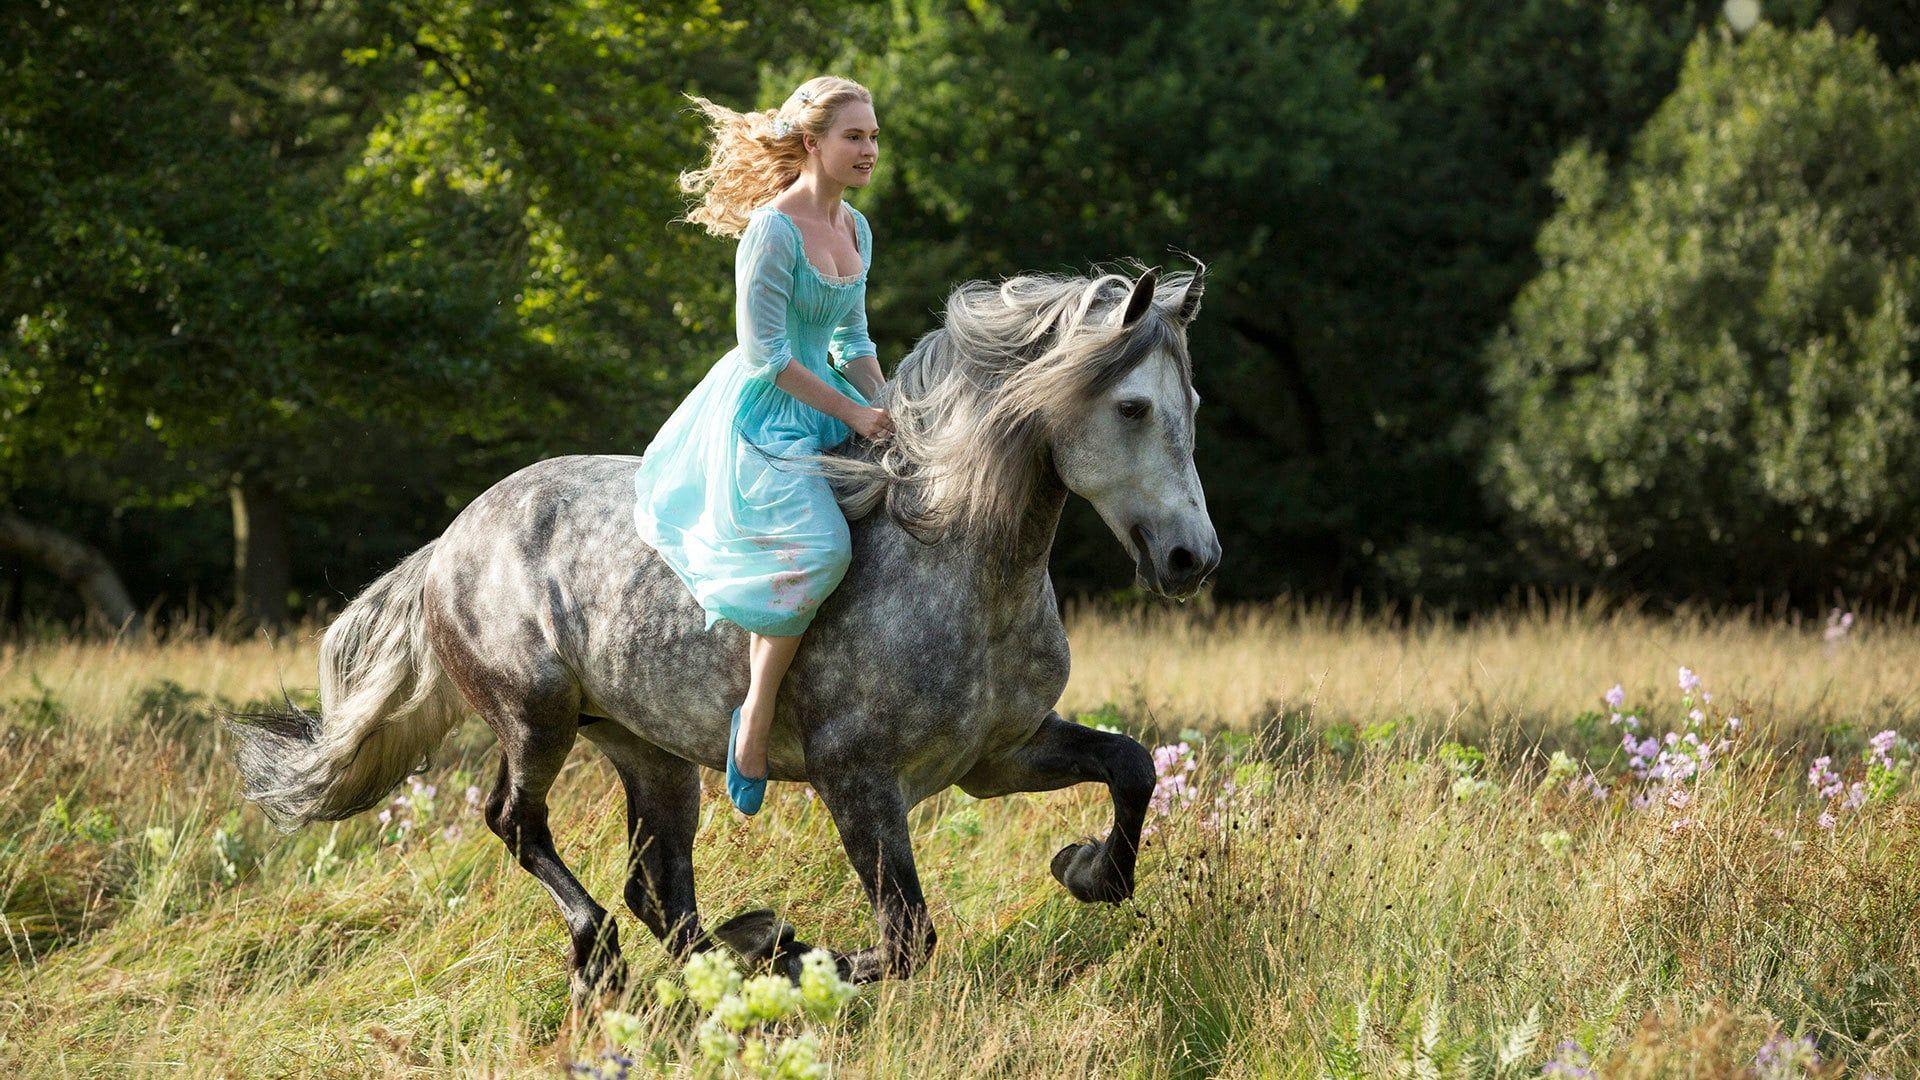 Cinderella 2015 Ganzer Film Stream Deutsch Komplett Online Cinderella 2015complete Film Deutsch Cinder Cinderella Movie Cinderella Characters Disney Live